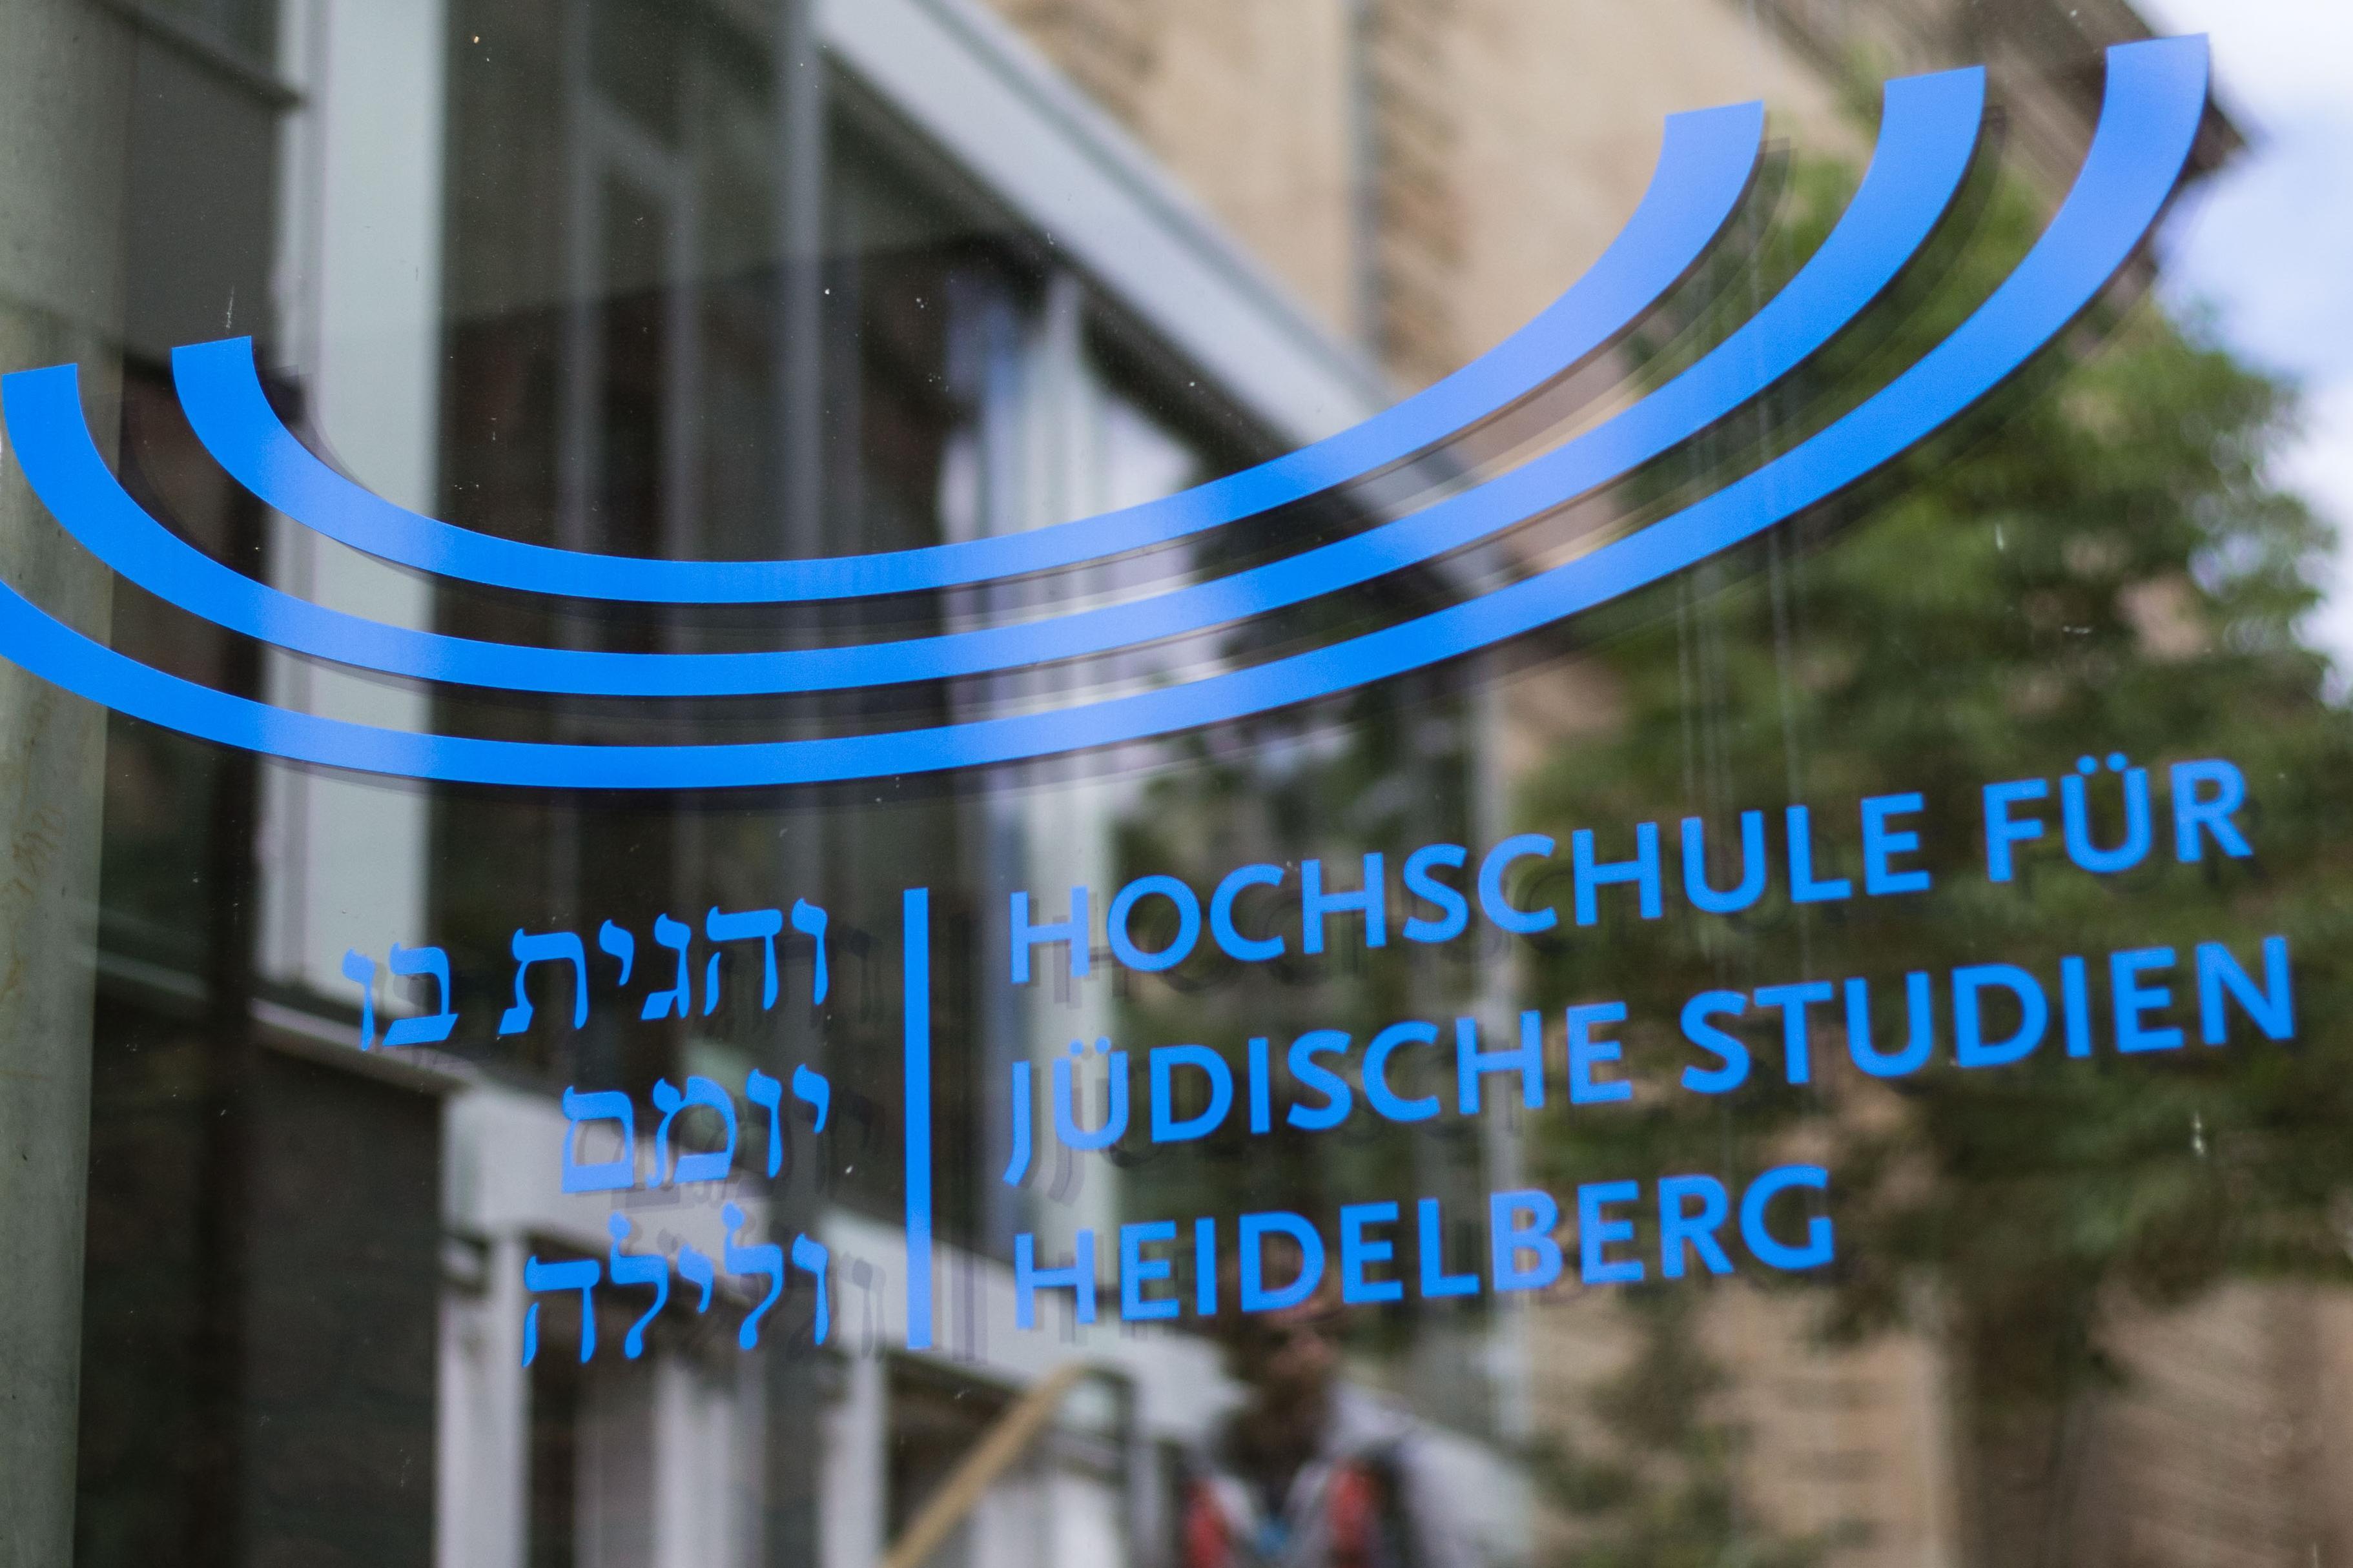 Zentralrat Der Juden 40 Jahre Hochschule Für Jüdische